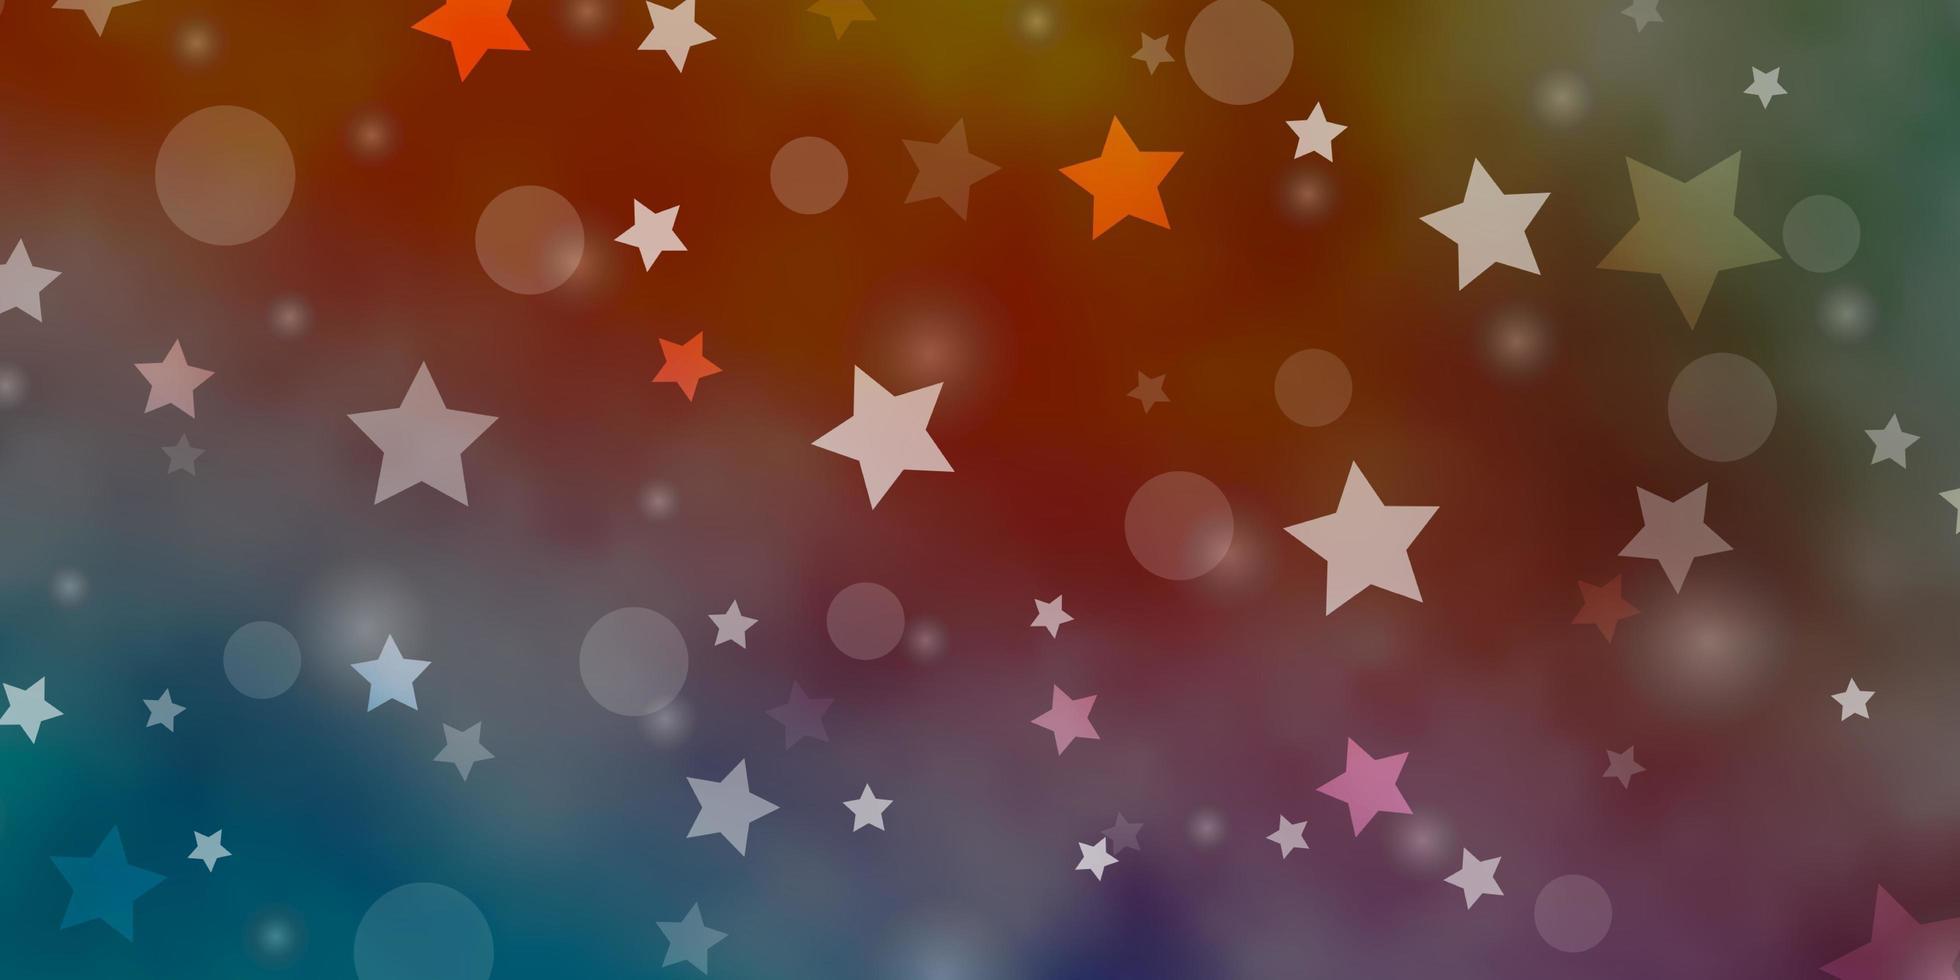 sfondo blu, rosso con cerchi, stelle. vettore